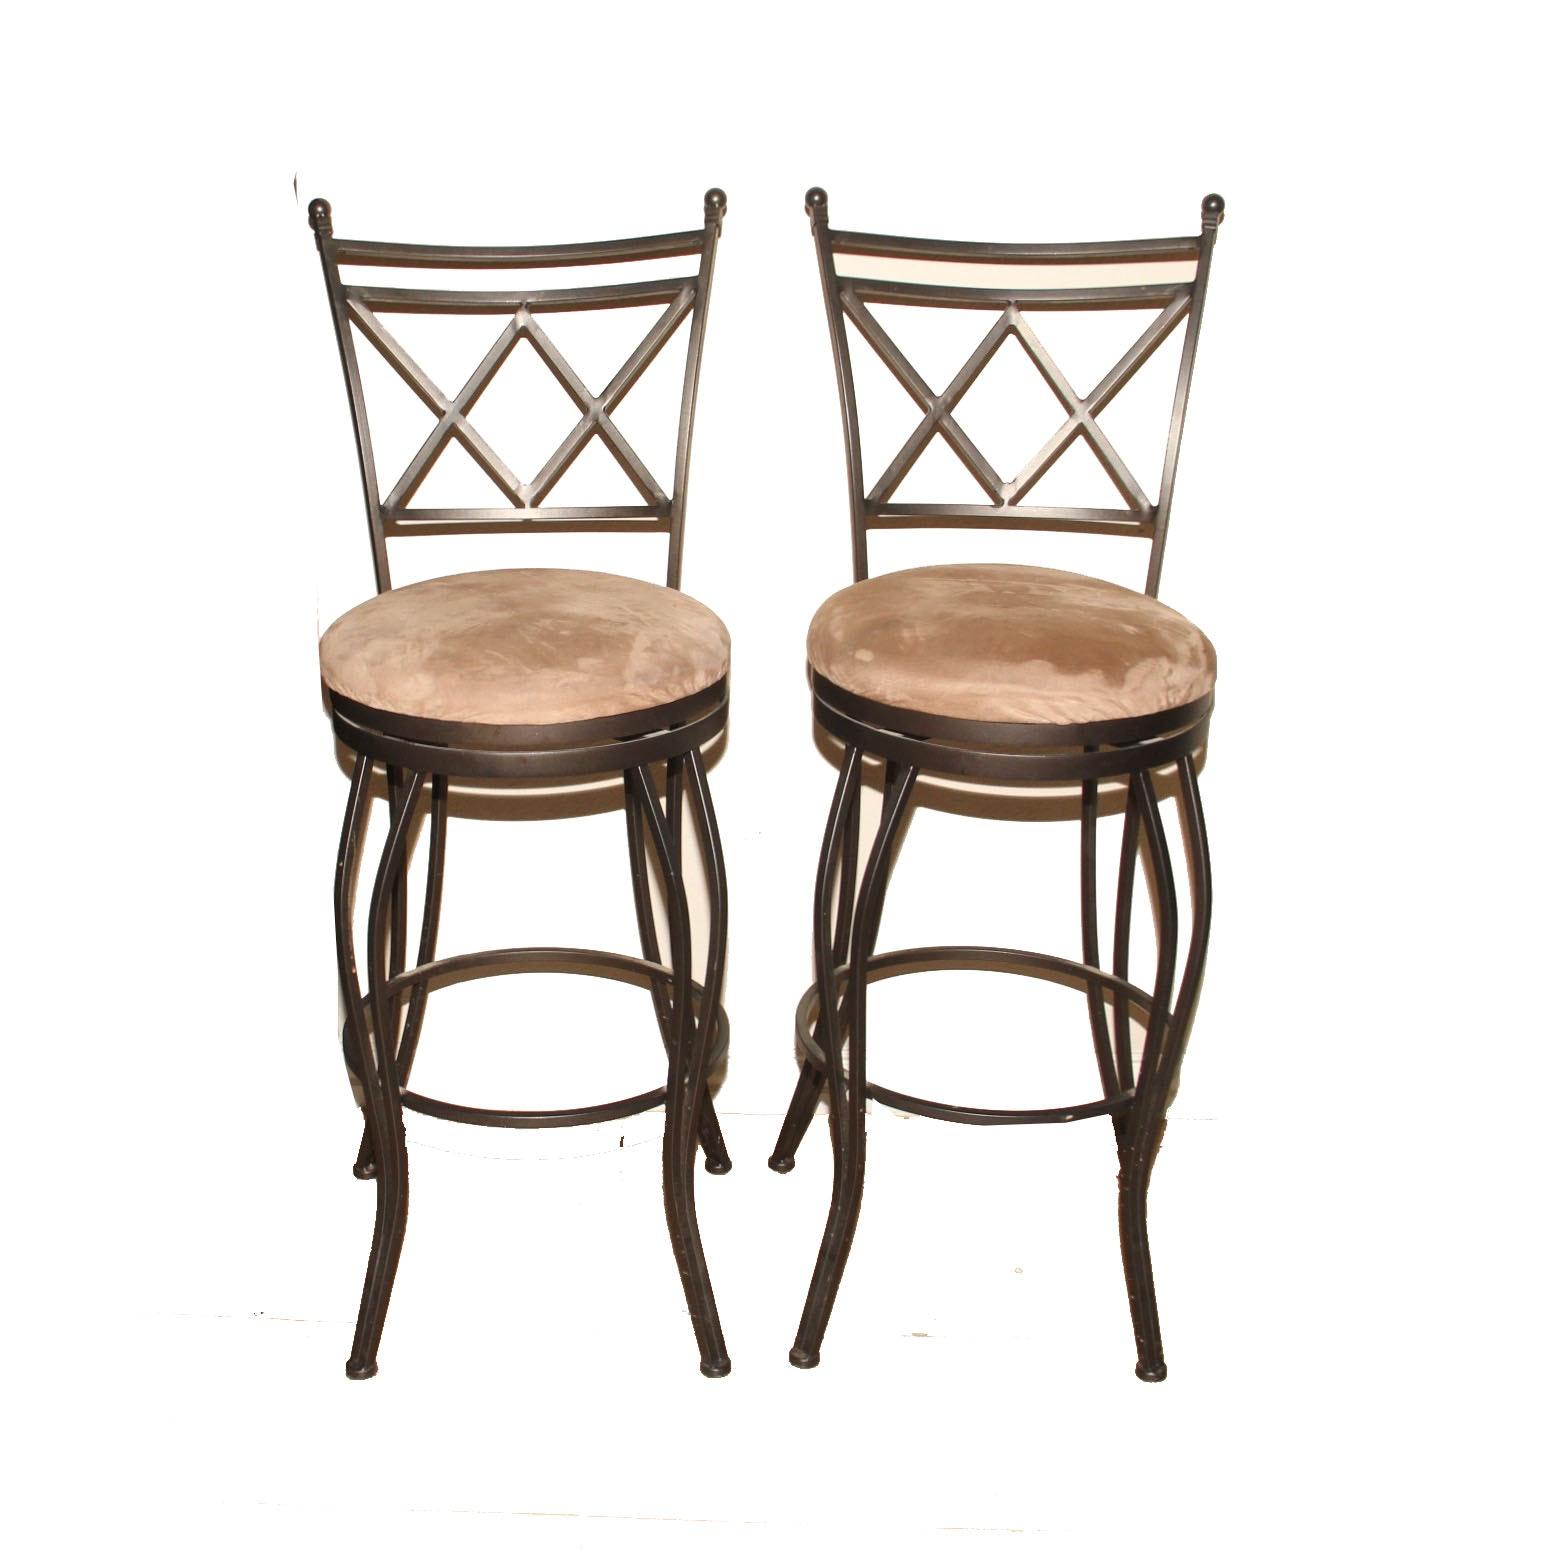 cheyenne home furnishings pair of wrought iron bar stools - Wrought Iron Bar Stools